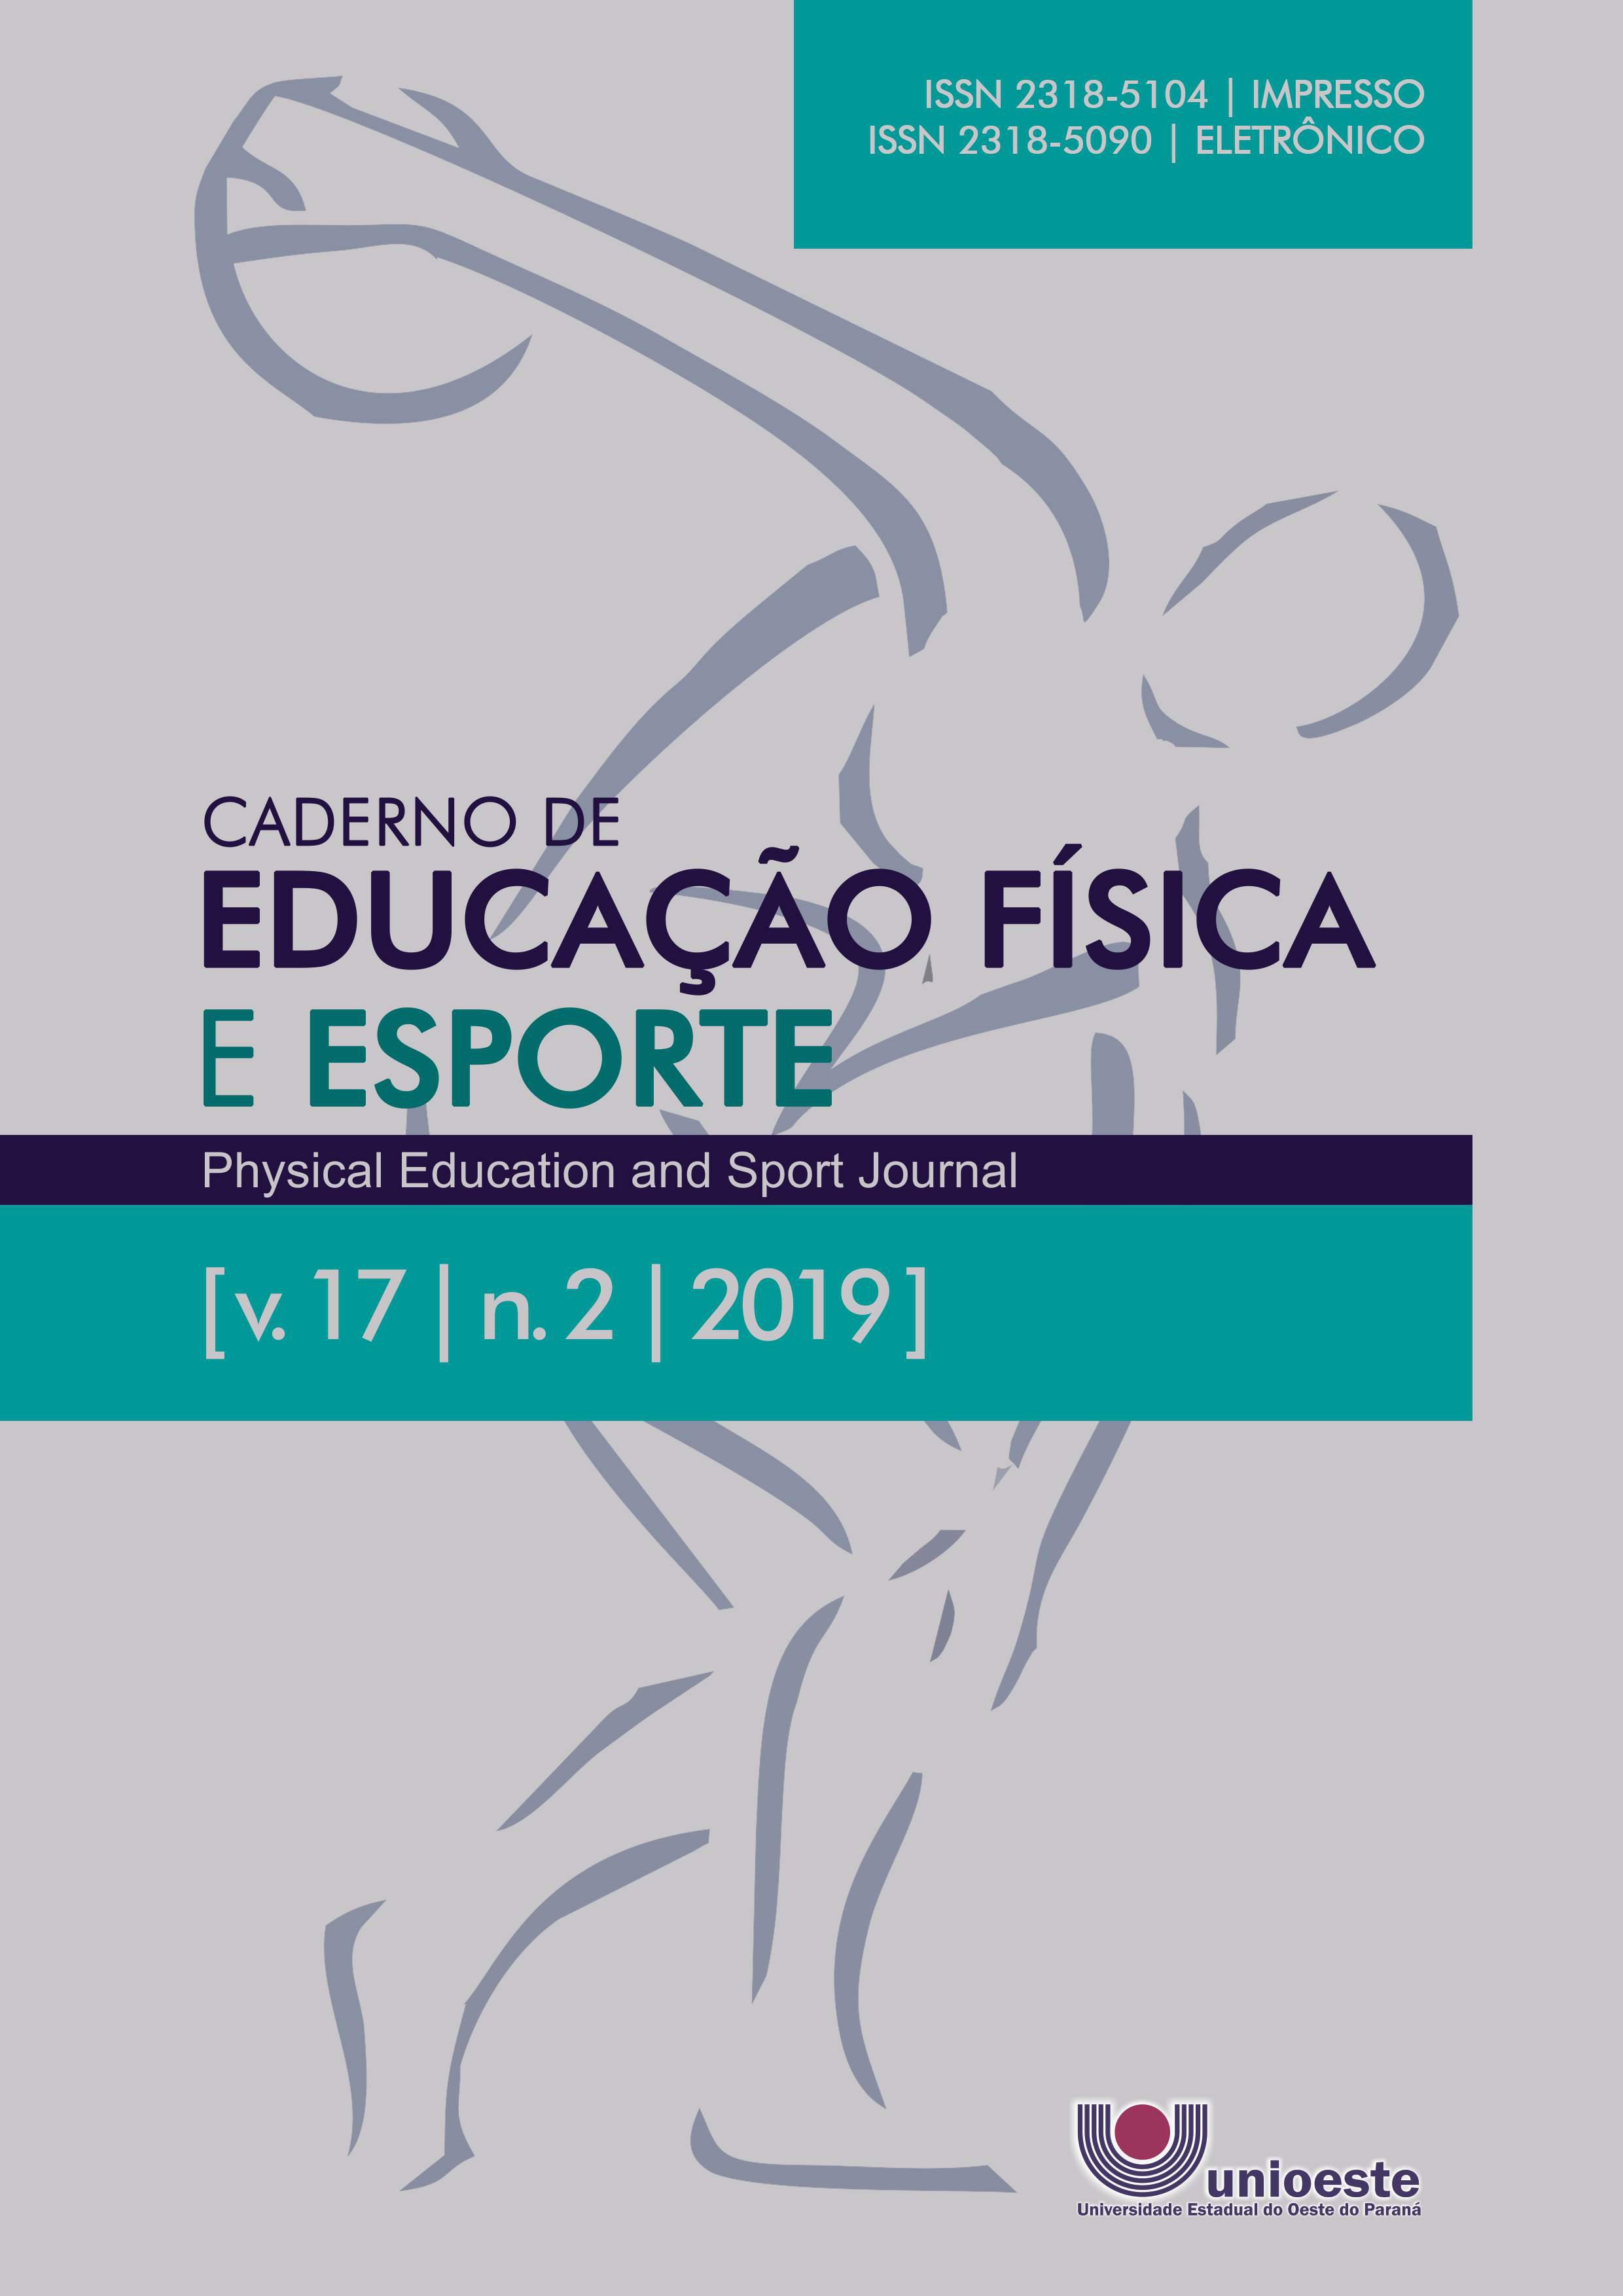 Visualizar v. 17 n. 2 (2019): Caderno de Educação Física e Esporte